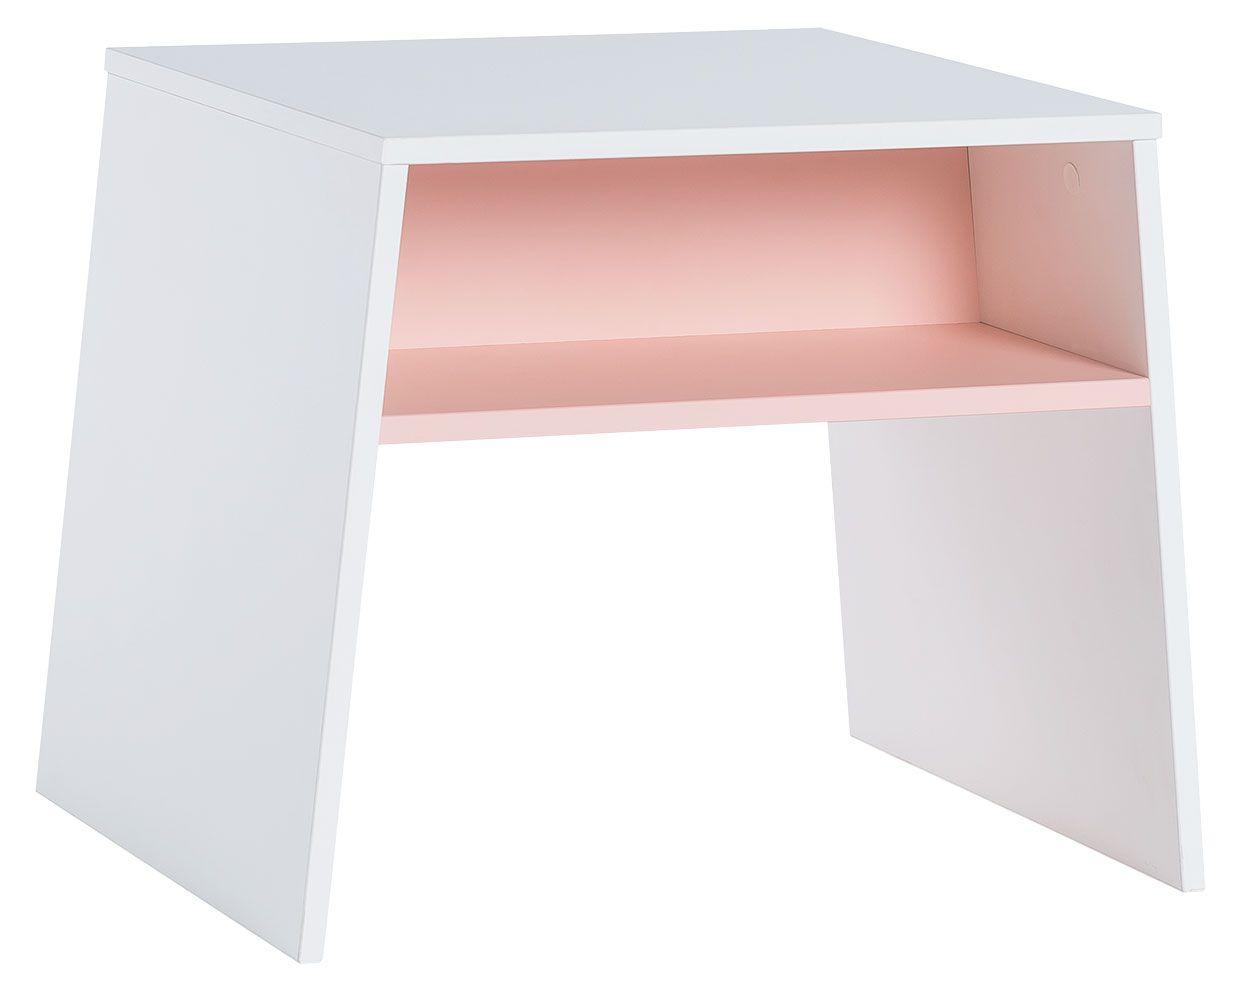 Kindertafel Irlin 02, kleur: wit / roze - afmetingen: 49 x 60 x 50 cm (h x l x d)